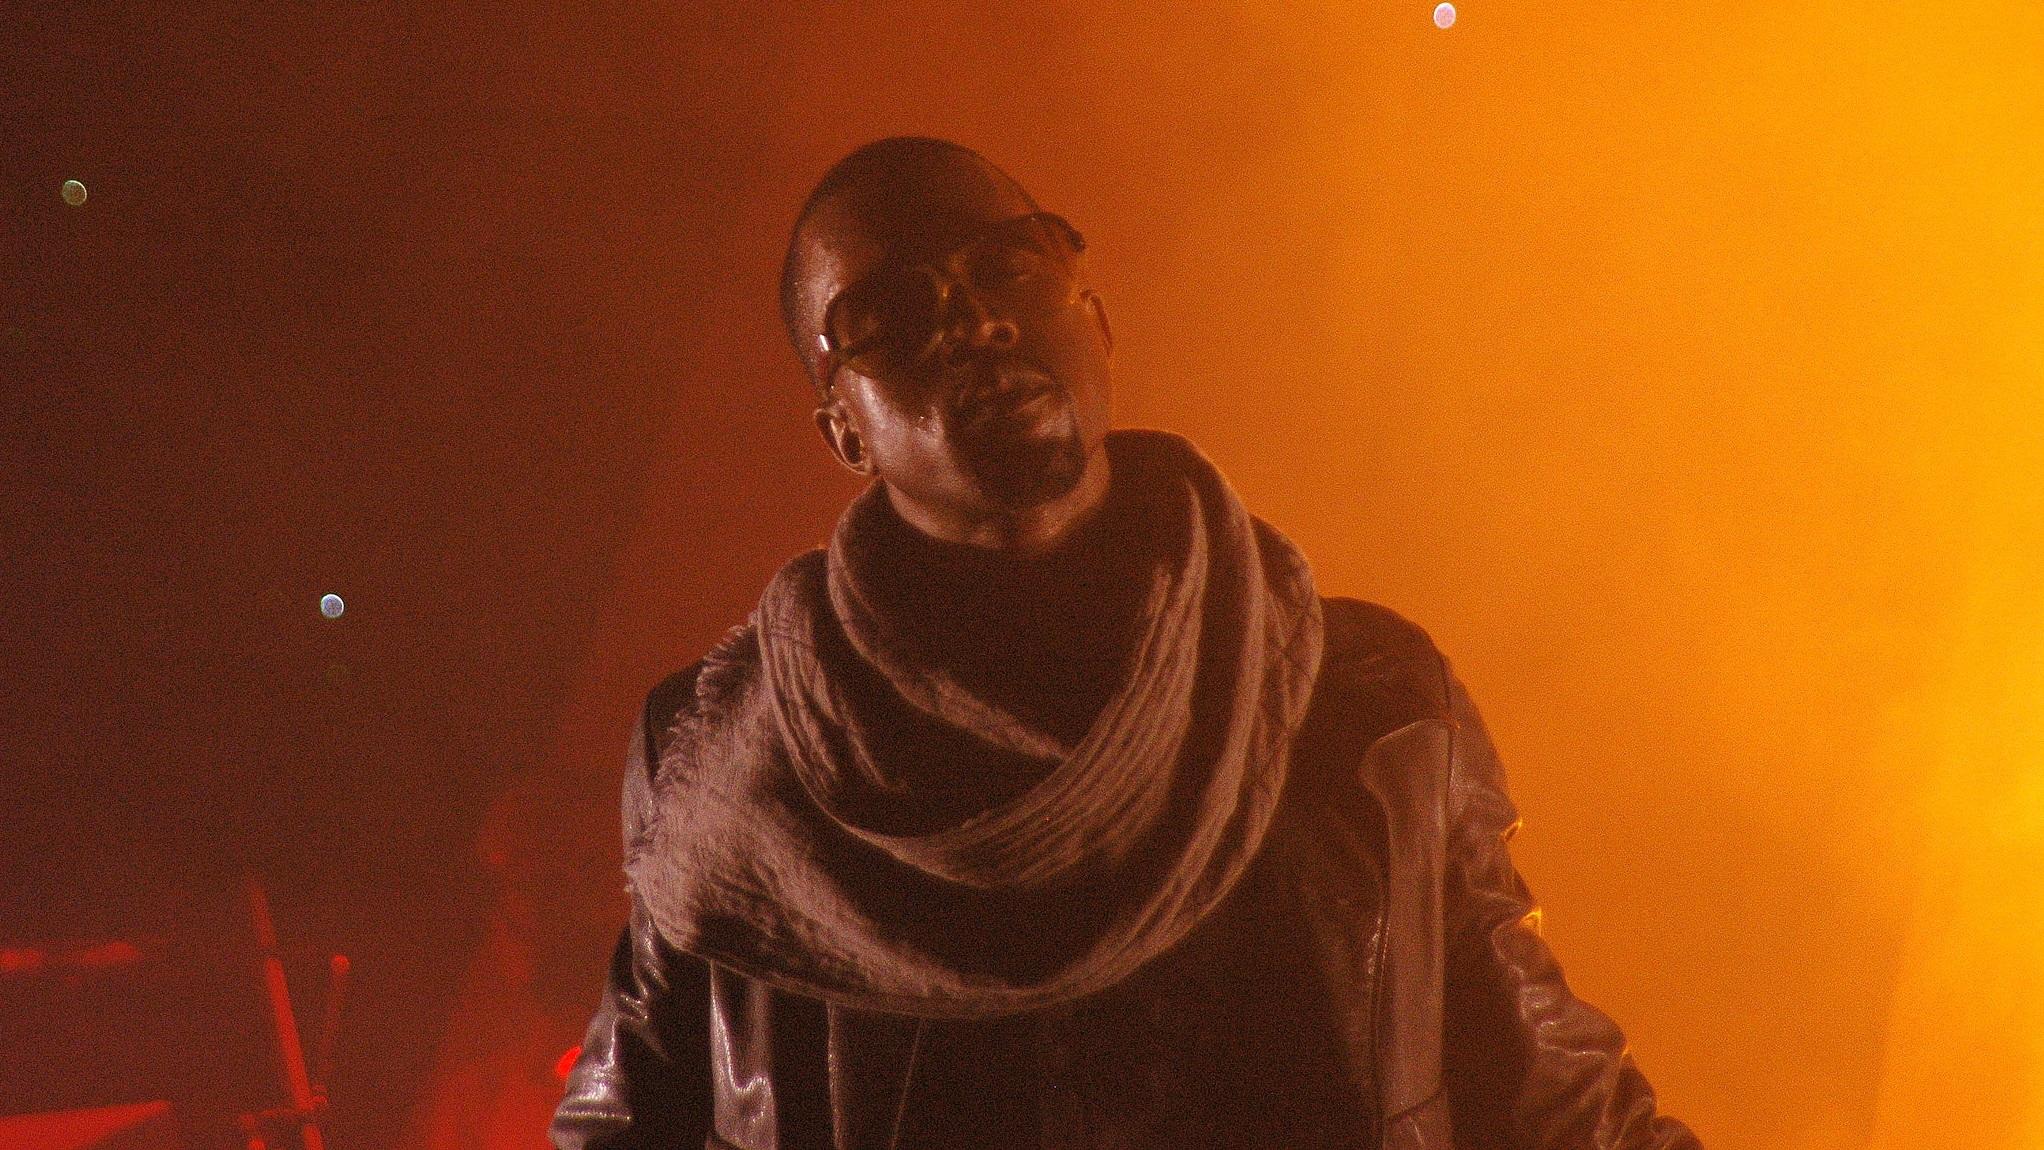 Que se passe-t-il dans la tête de Kanye West?